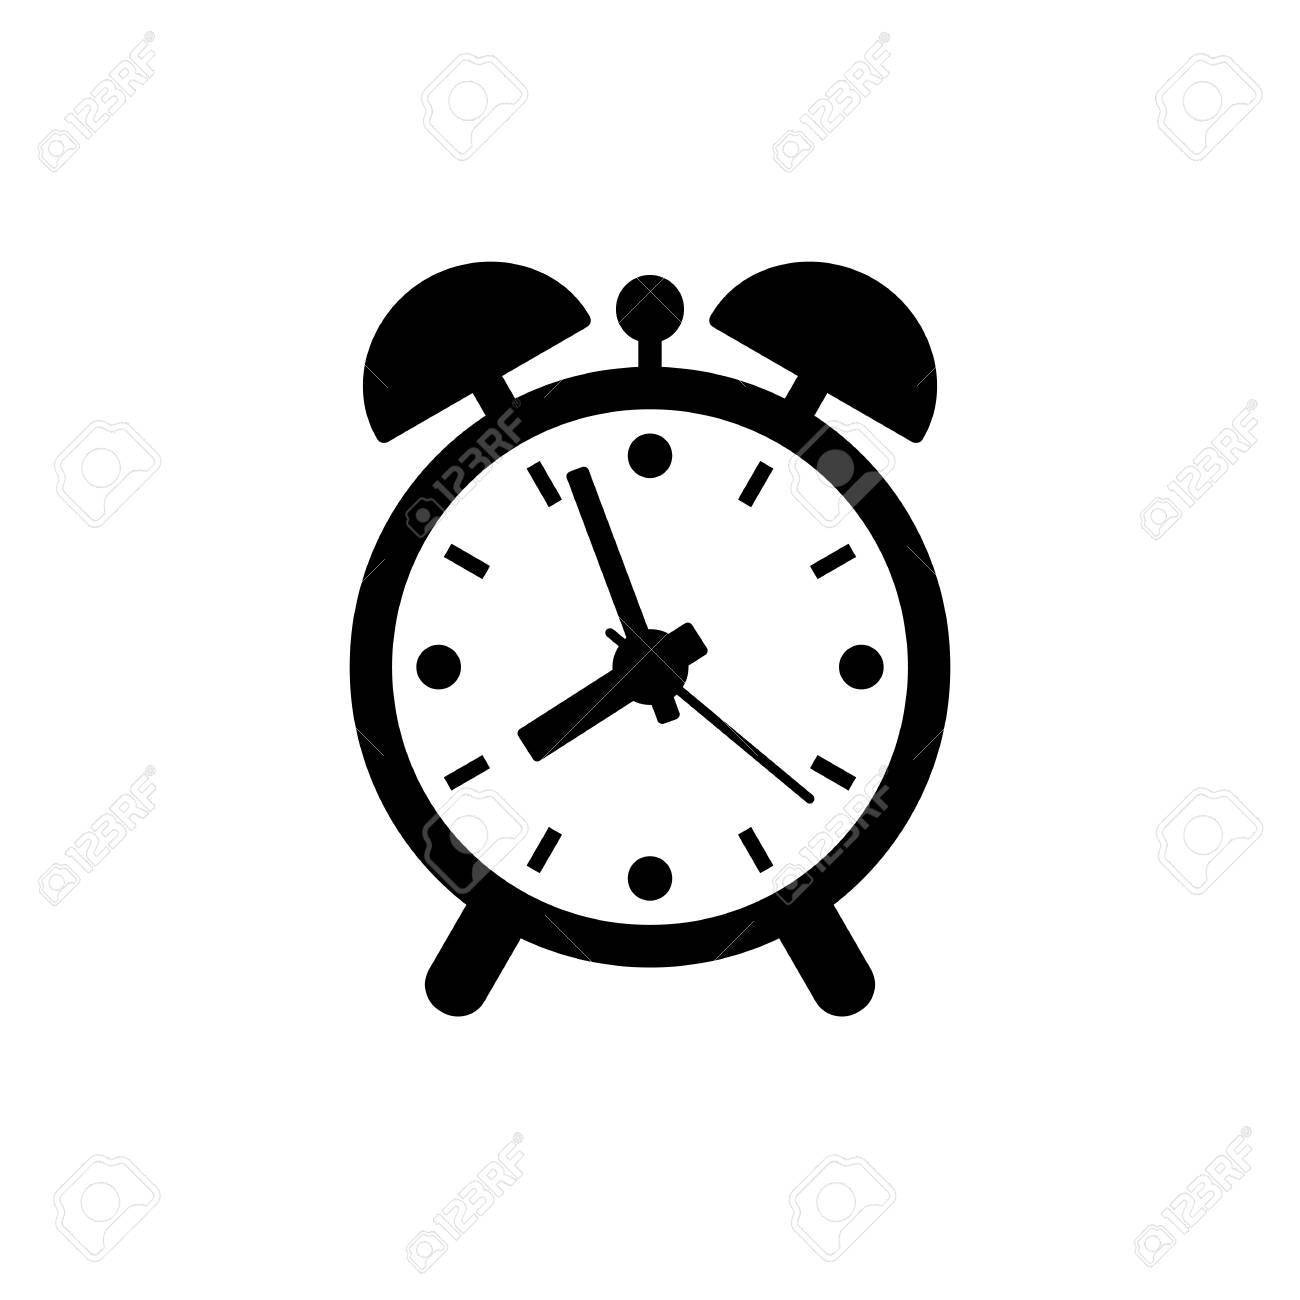 Alarm clock icon  Black, minimalist icon isolated on white background